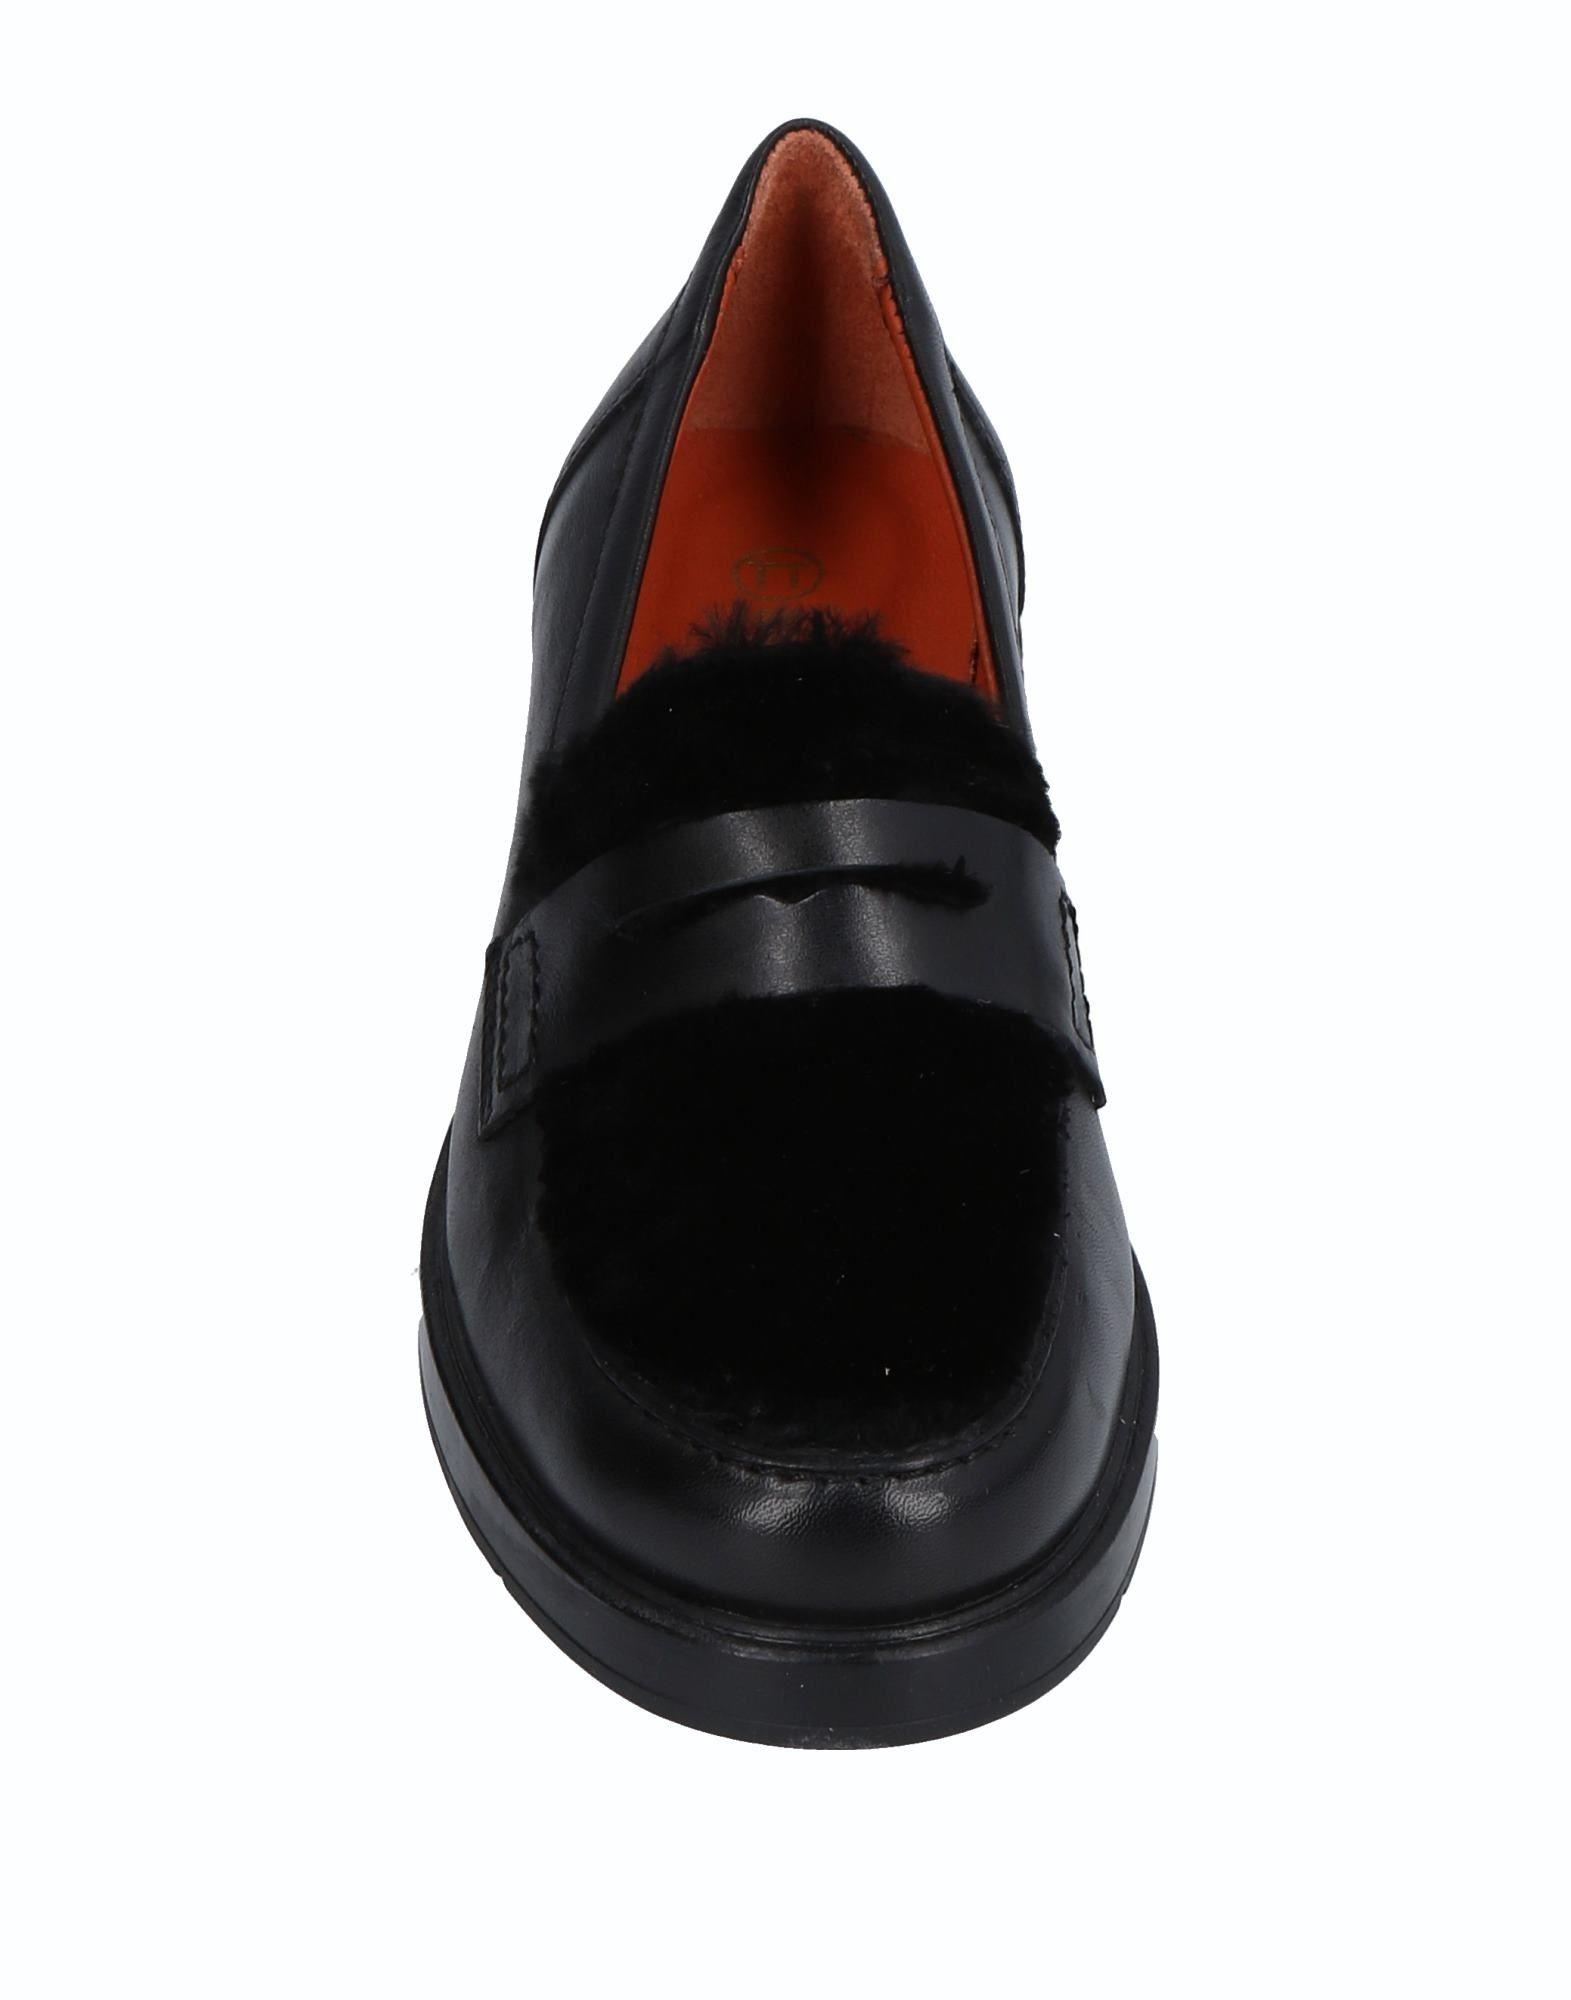 Bagatt Mokassins Damen  11512593TU Gute Qualität beliebte Schuhe